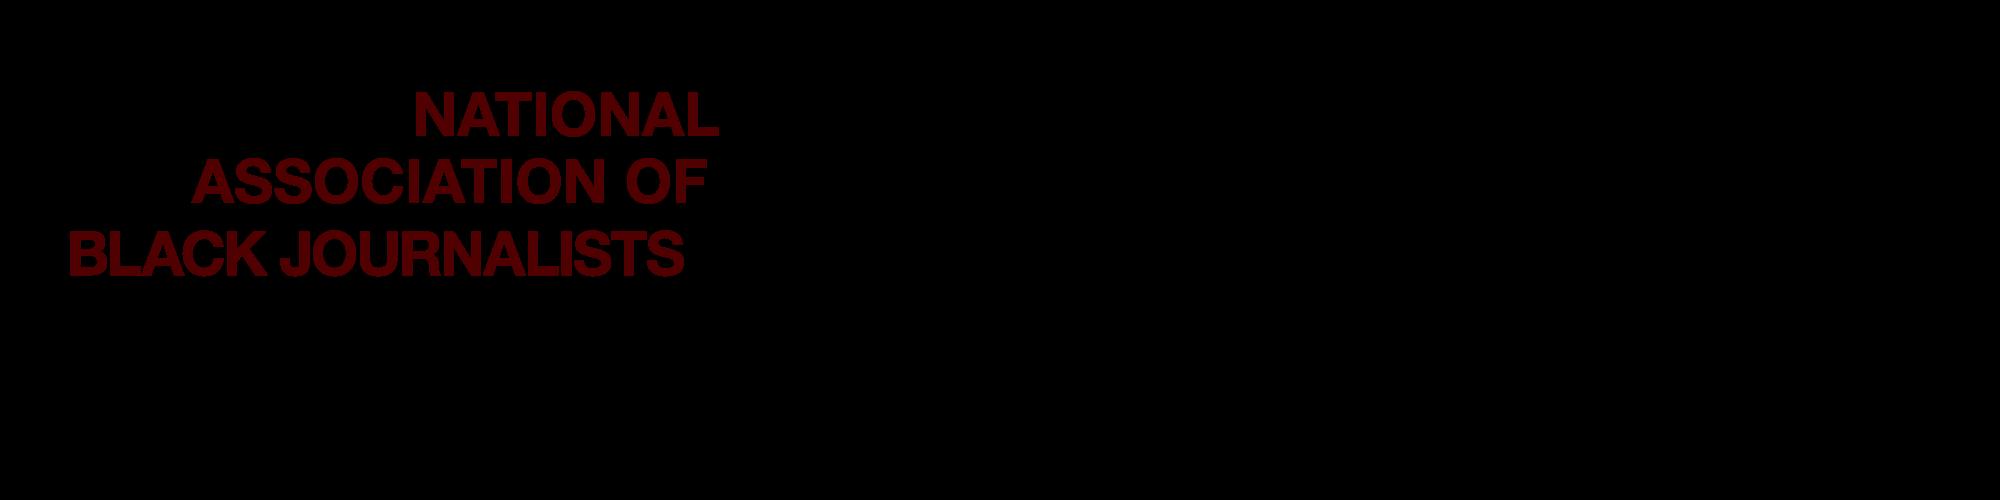 nabj-high-res-transparent